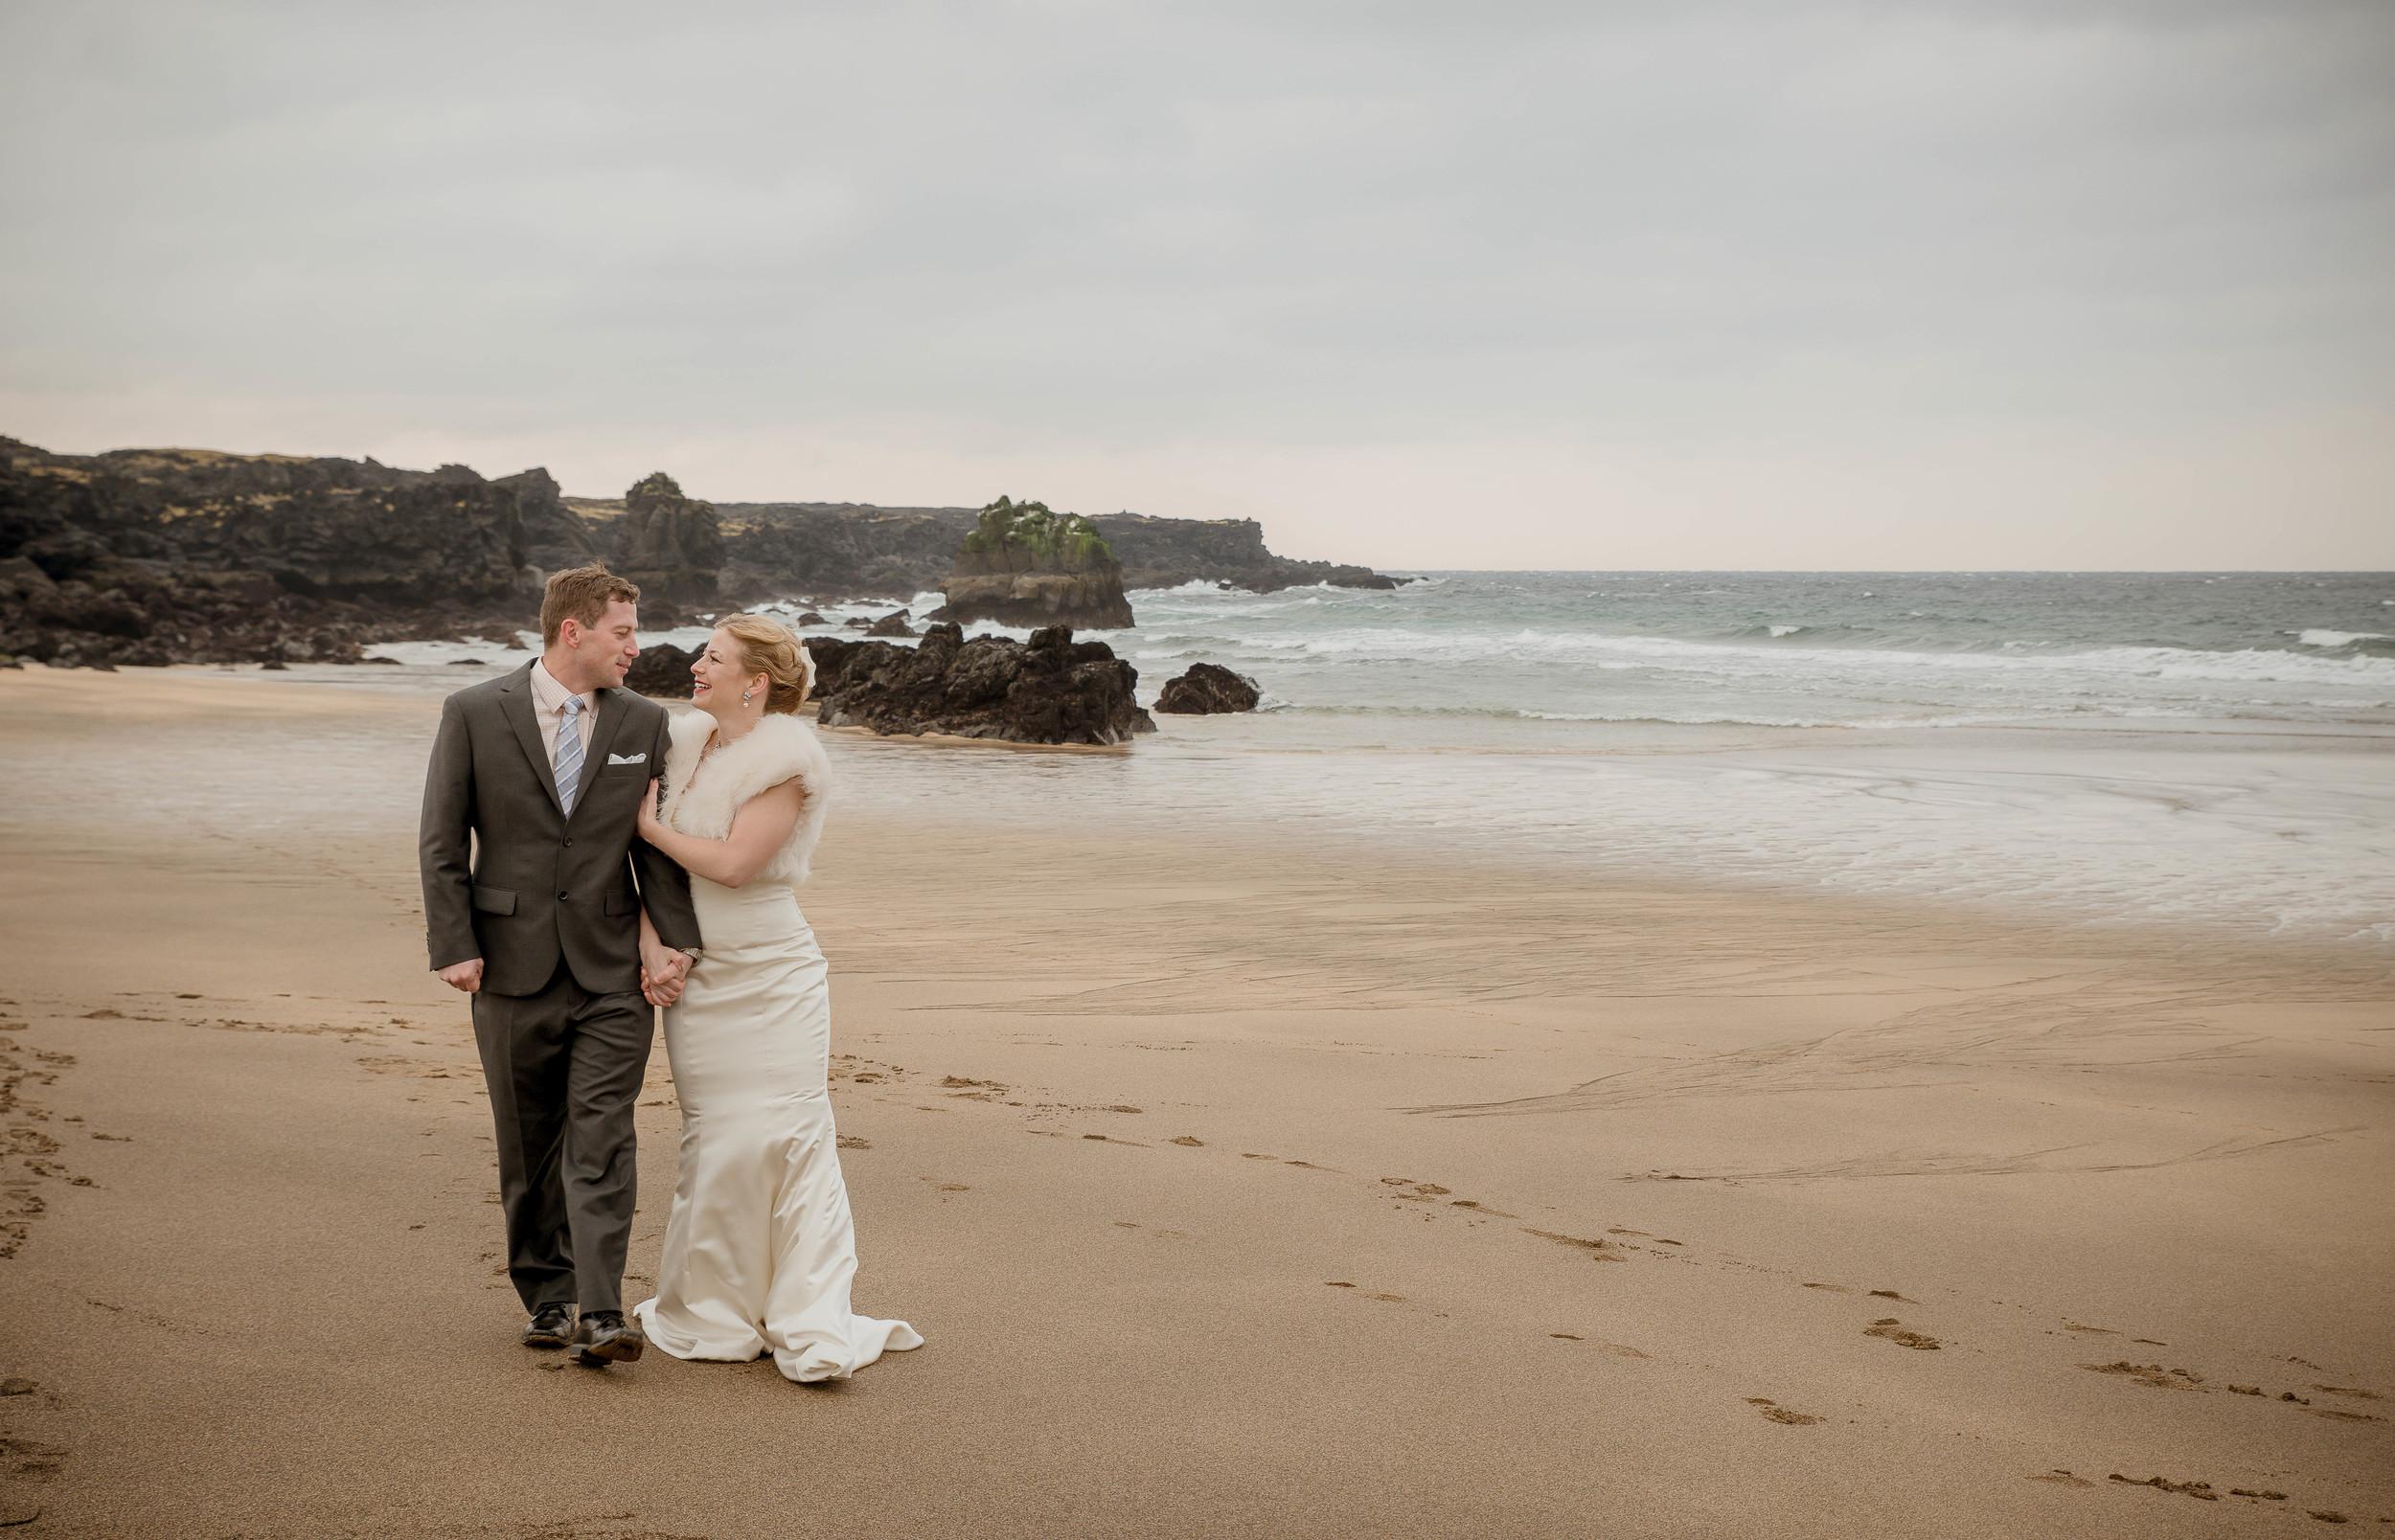 Iceland-Wedding-Photographer-Photos-by-Miss-Ann-28.jpg